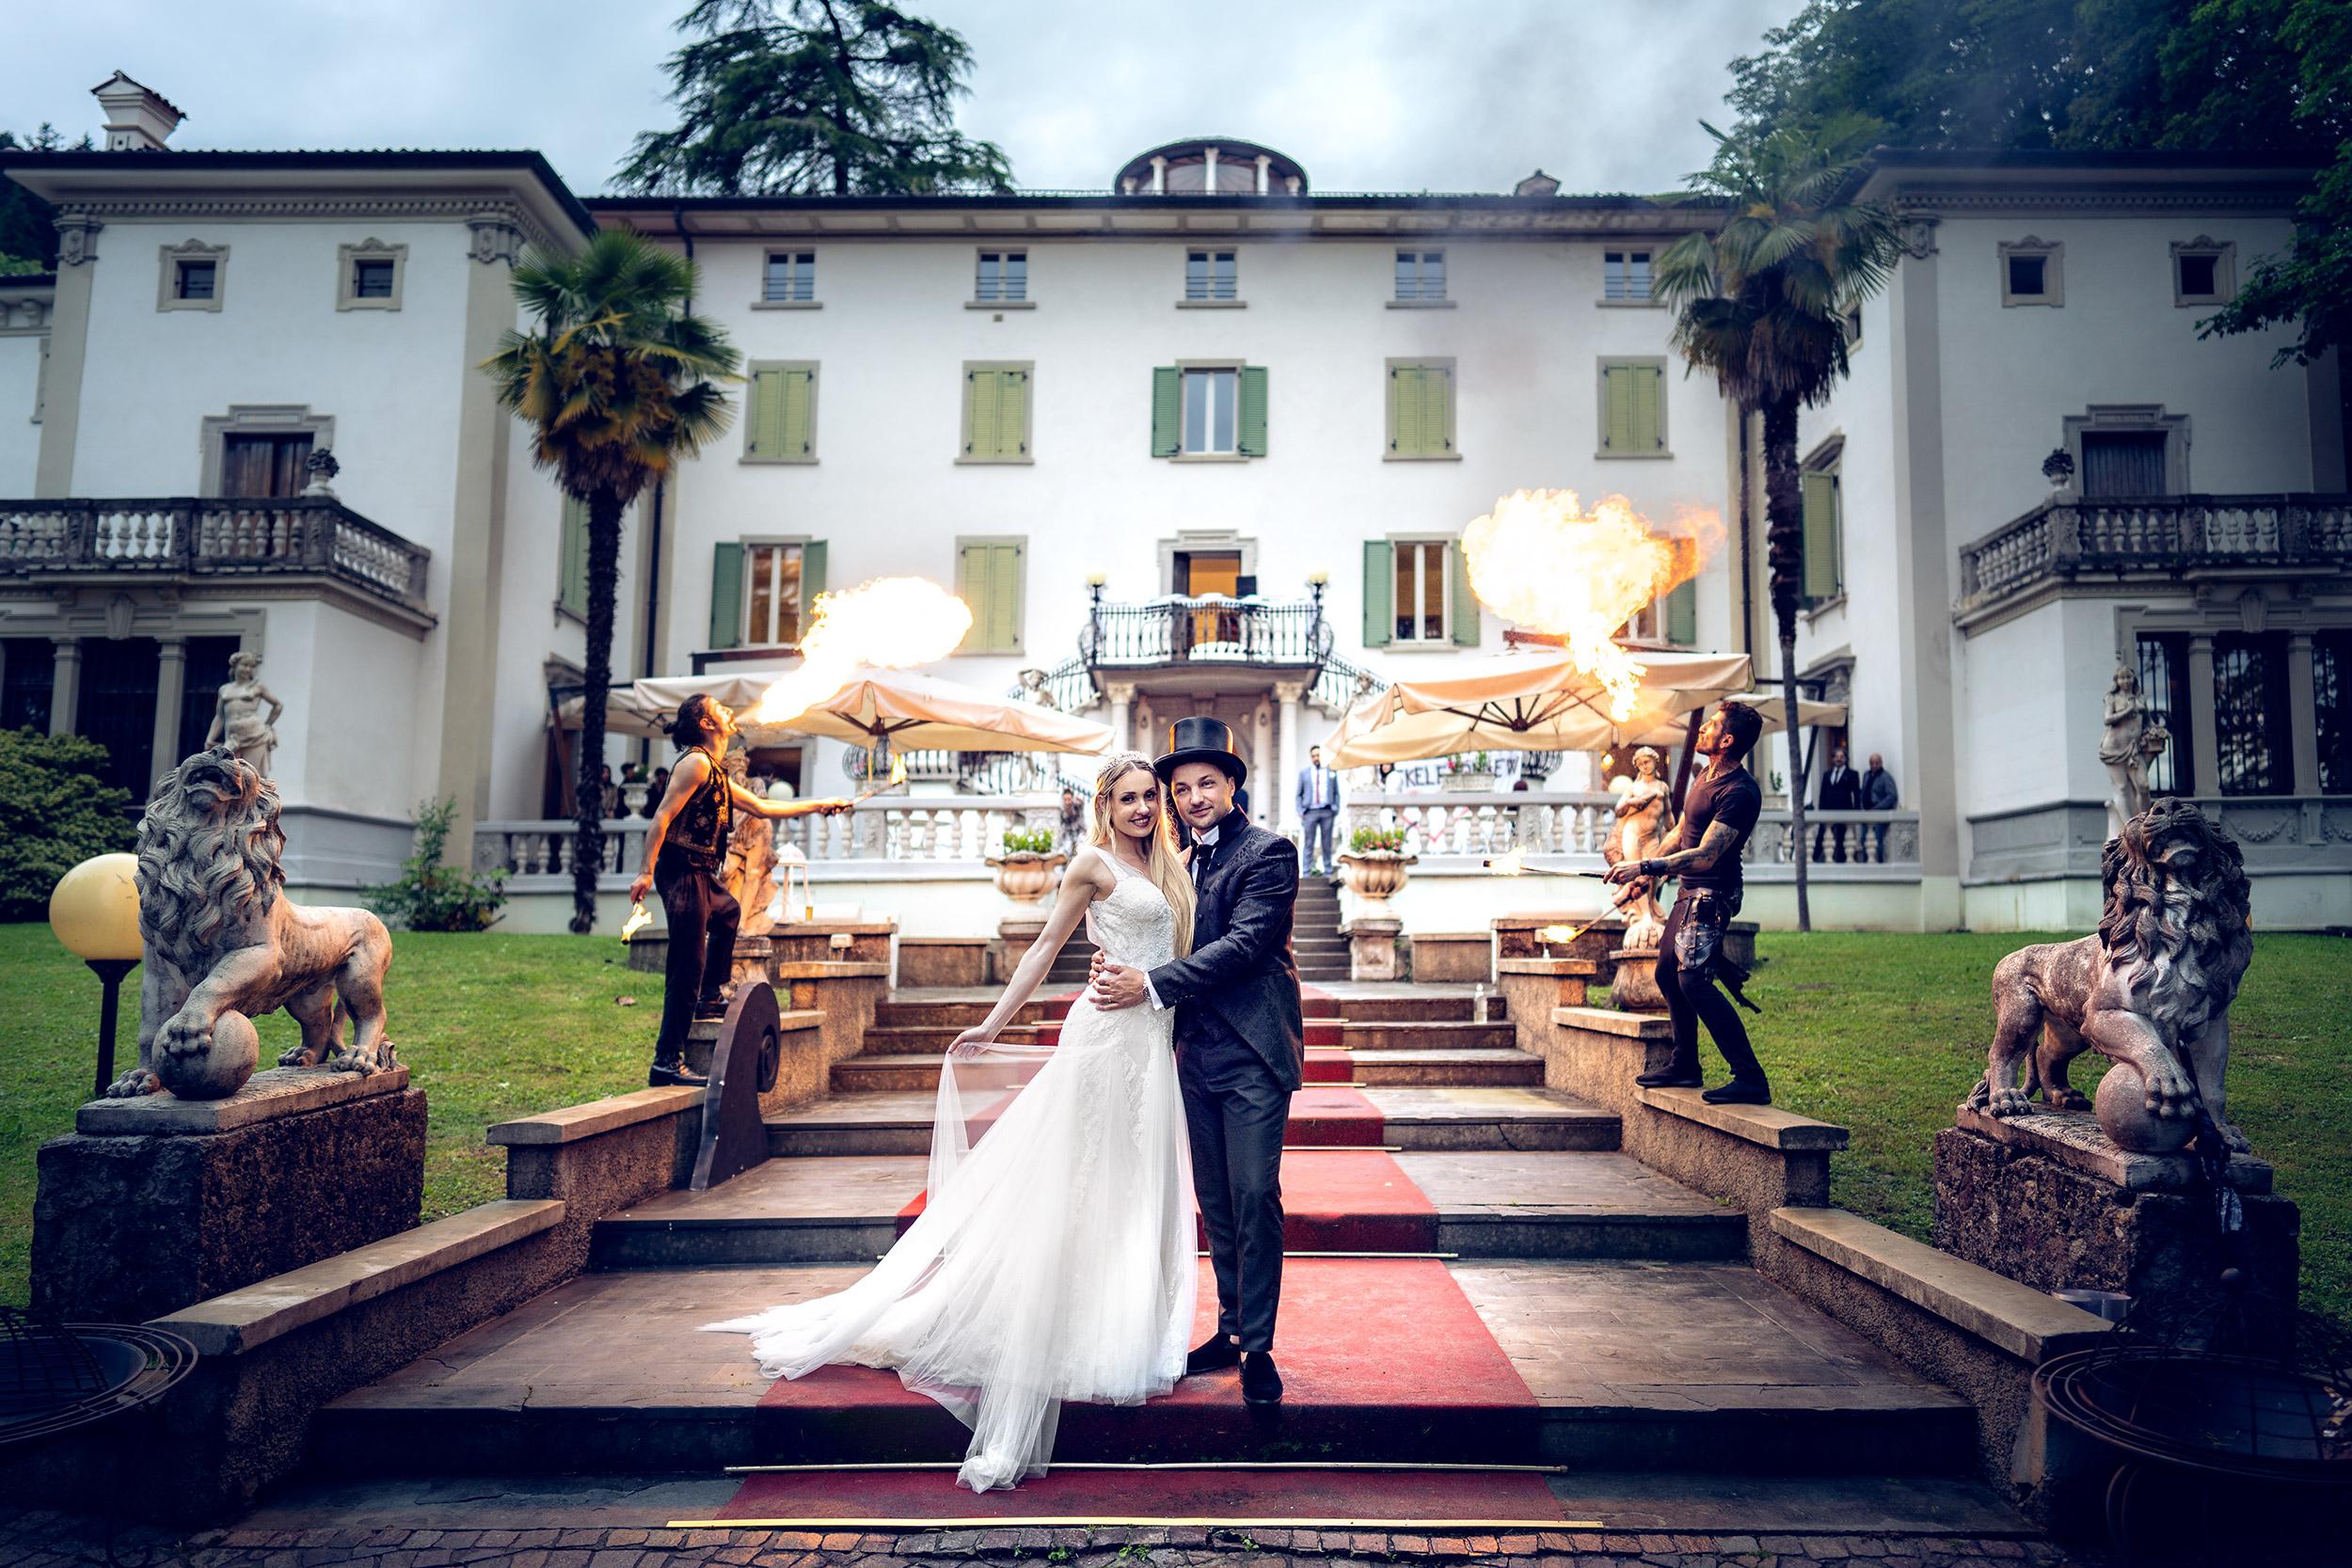 074 reportage sposi foto matrimonio fachiri palazzo maestri bergamo 1